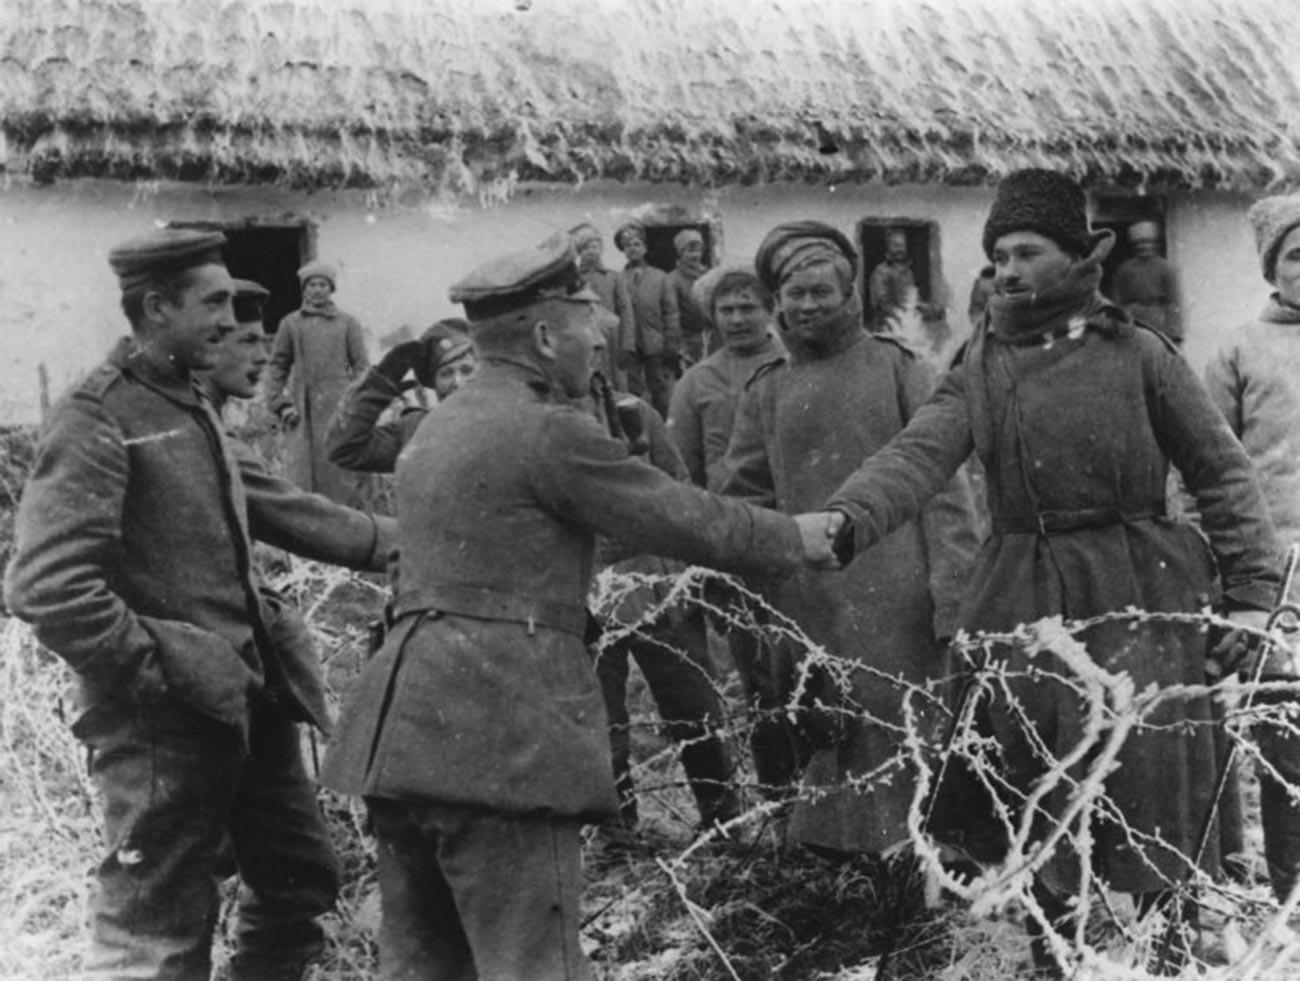 Rokovanje med nemškimi in sovjetskimi vojaki